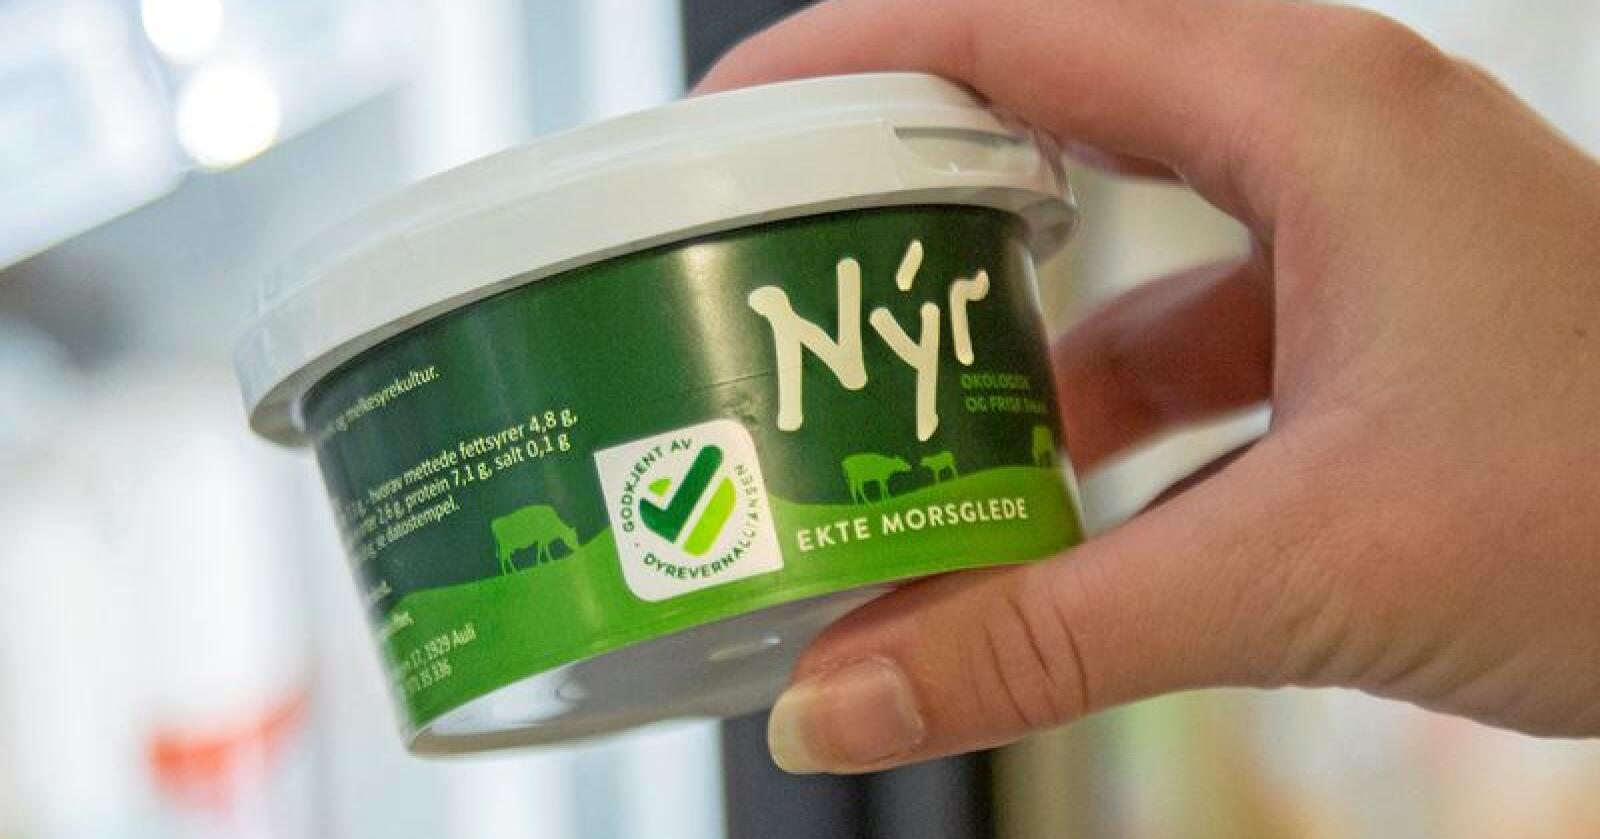 Dyrevernalliansen har presentert en ny merkeordning. Forbrukeren skal kunne se at maten er produsert på en dyrevennlig måte. Foto: Dyrevernalliansen